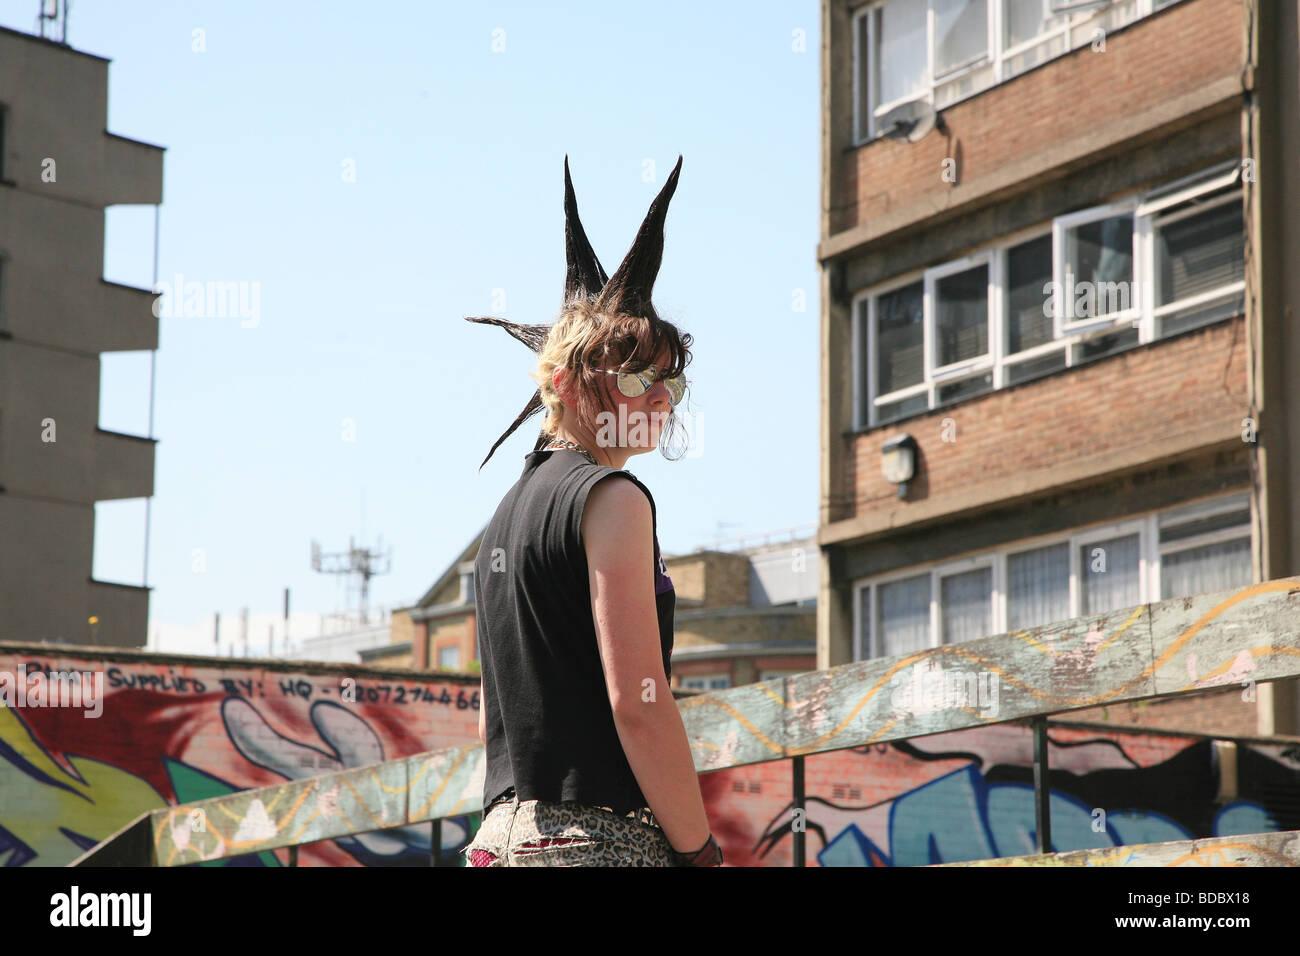 """Ein Punk-Mädchen """"Rae Ray Unruhen"""" mit einem großen Mohikaner, Shoreditch, London, UK.2009 Stockfoto"""